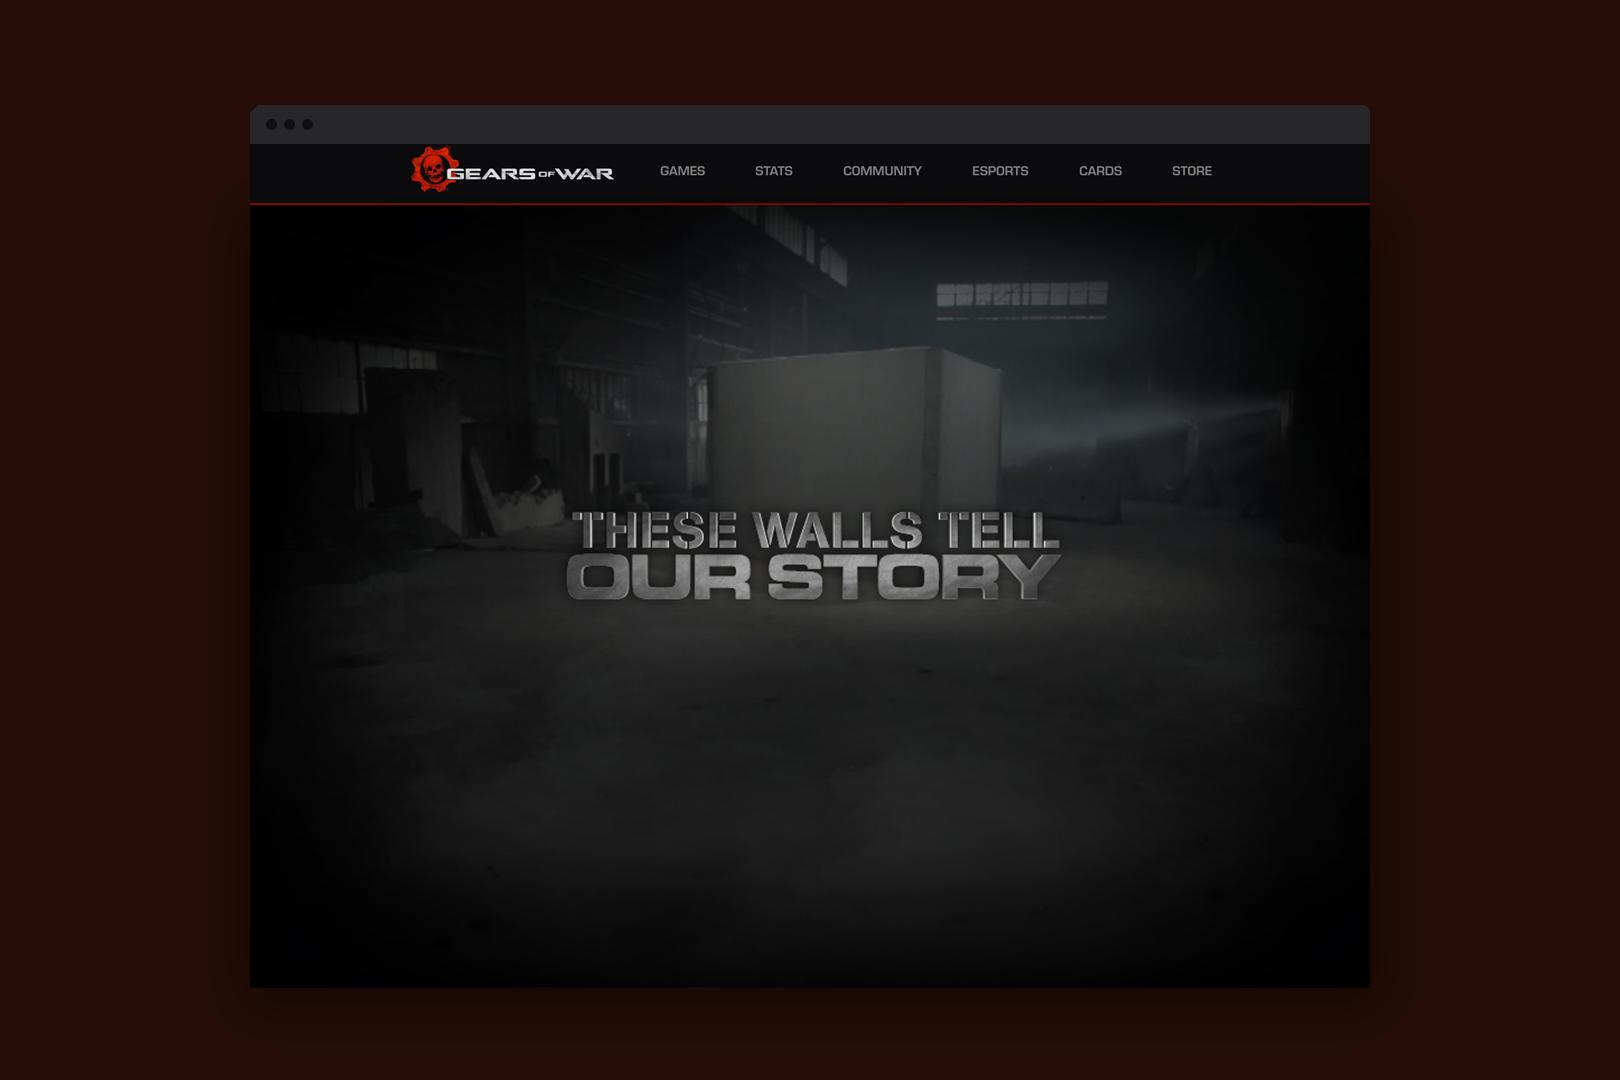 Gears_Screens_1.png